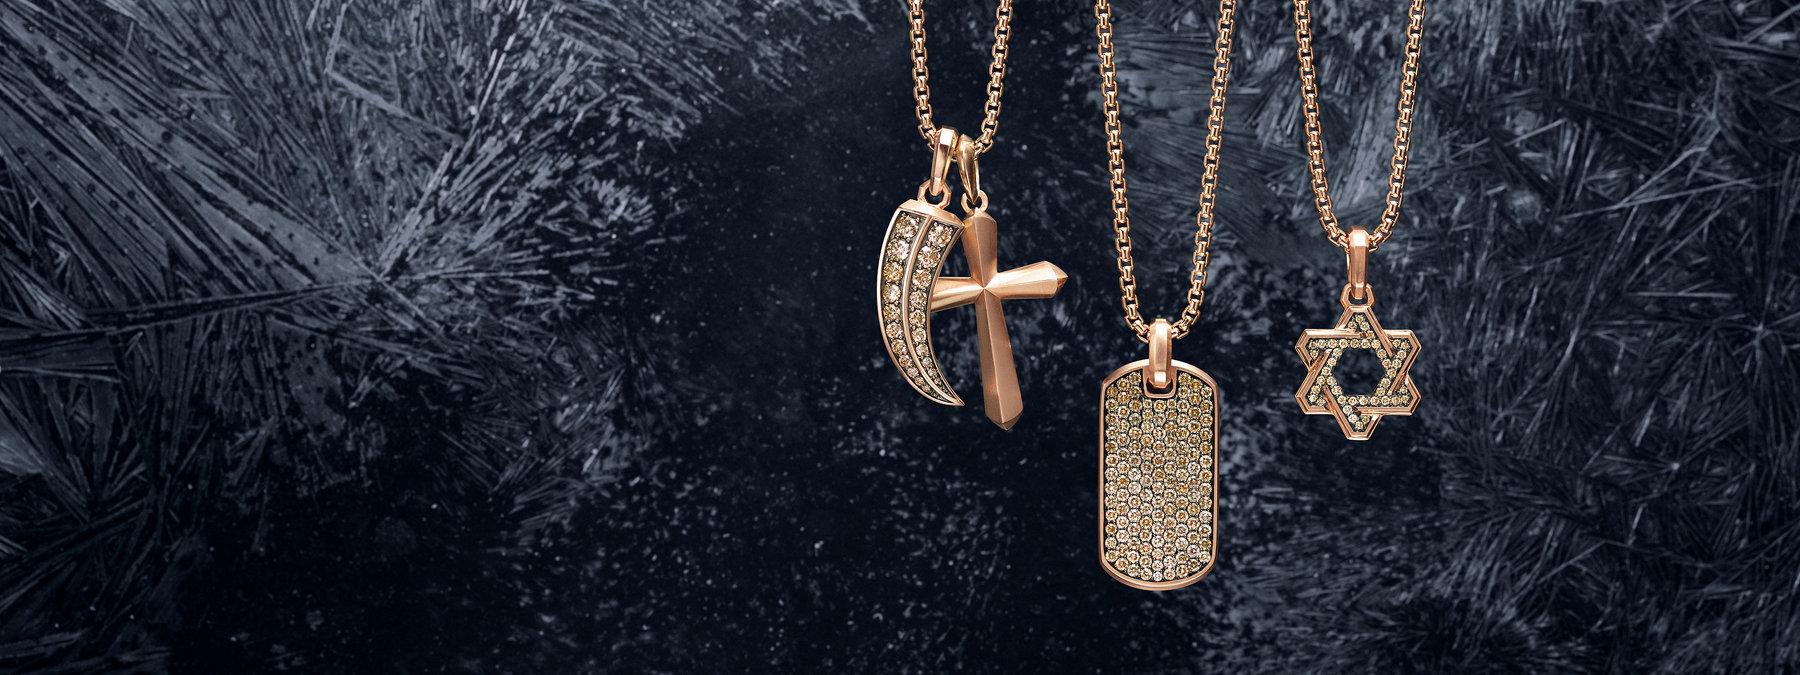 一张彩色照片展示了三条David Yurman男士箱纹链项链,采用18K玫瑰金材质,排成一排,置于深色带划痕的积雪冰面上。每条项链上均悬挂一个或两个David Yurman男士护身符,采用18K玫瑰金。左起为密镶干邑色钻石Roman爪、Roman十字架、密镶干邑色钻石的吊牌以及密镶干邑色钻石的Deco Star of David。